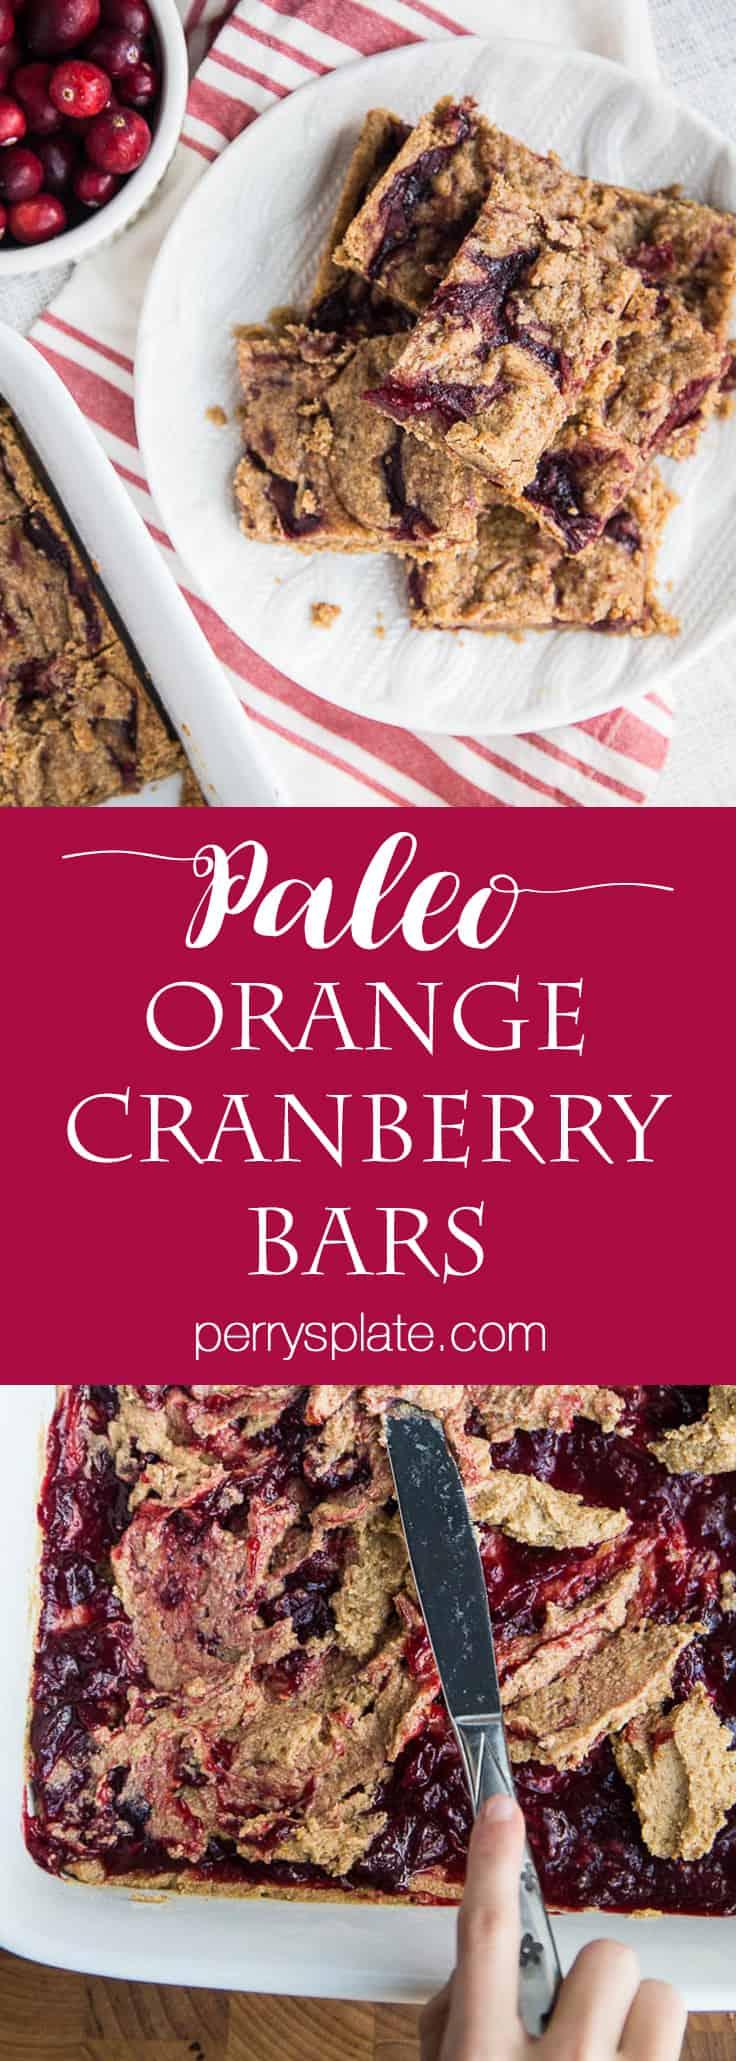 Paleo Orange Cranberry Bars | paleo dessert recipes | leftover cranberry sauce recipes | orange recipes | gluten-free recipes | dairy-free recipes | perrysplate.com